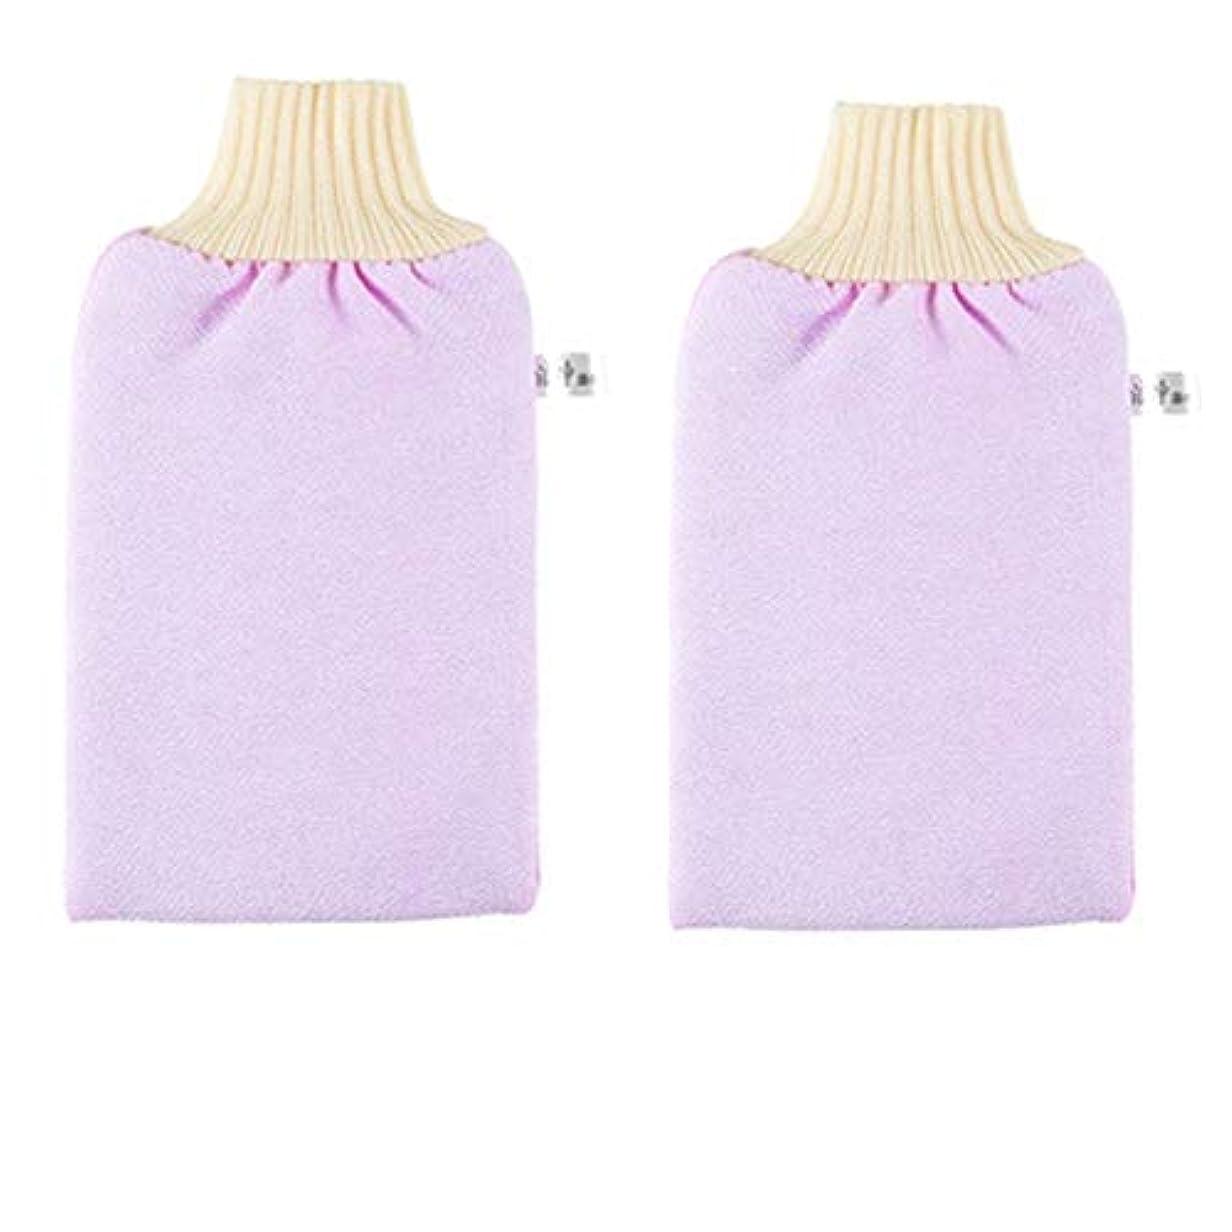 若者天窓カプラーBTXXYJP お風呂用手袋 シャワー手袋 あかすり ボディブラシ やわらか ボディタオル 角質除去 (Color : Pink-2 packs)